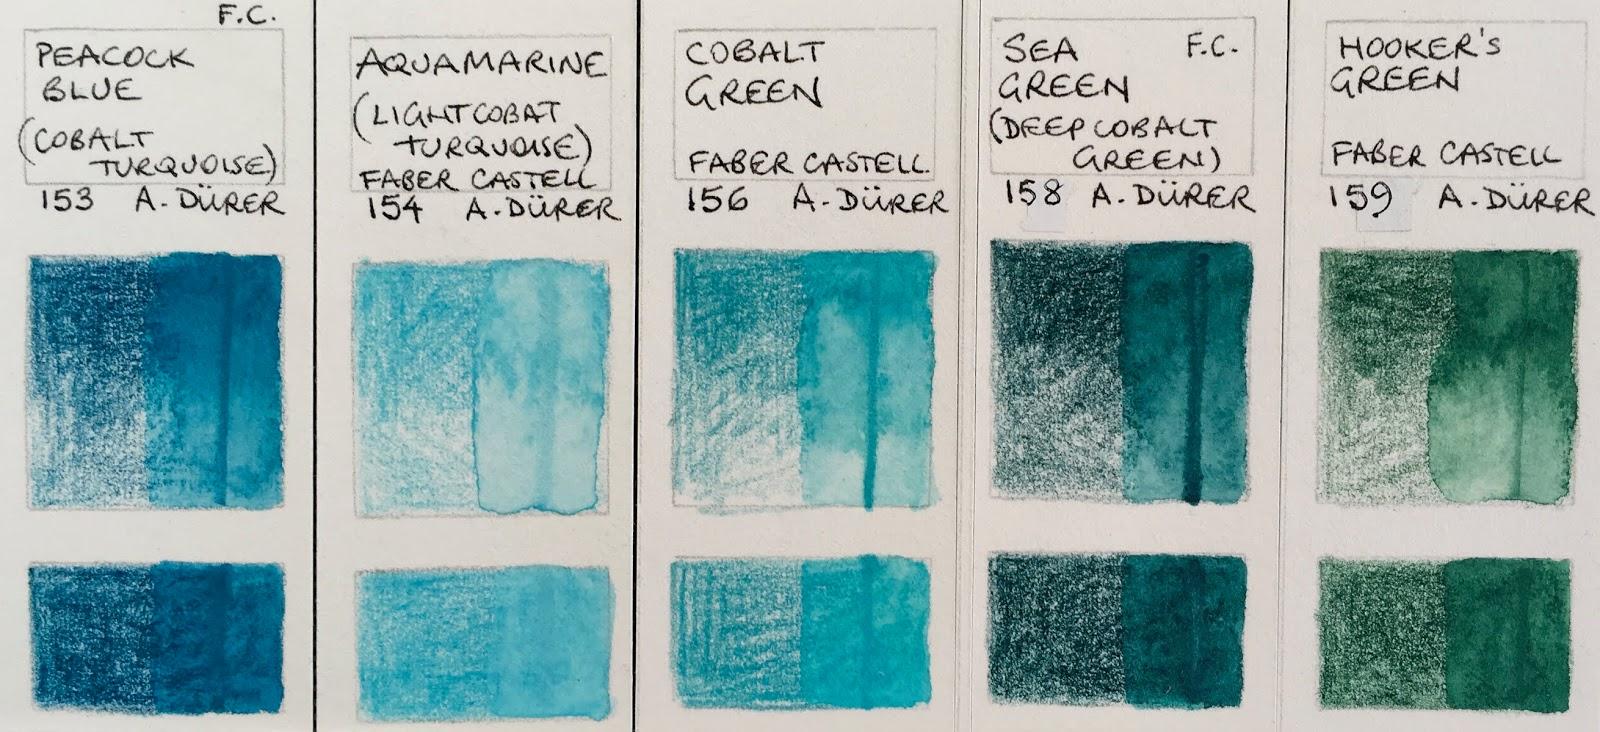 Faber Castell Albrecht Durer Watercolour Pencil Deep Cobalt Green